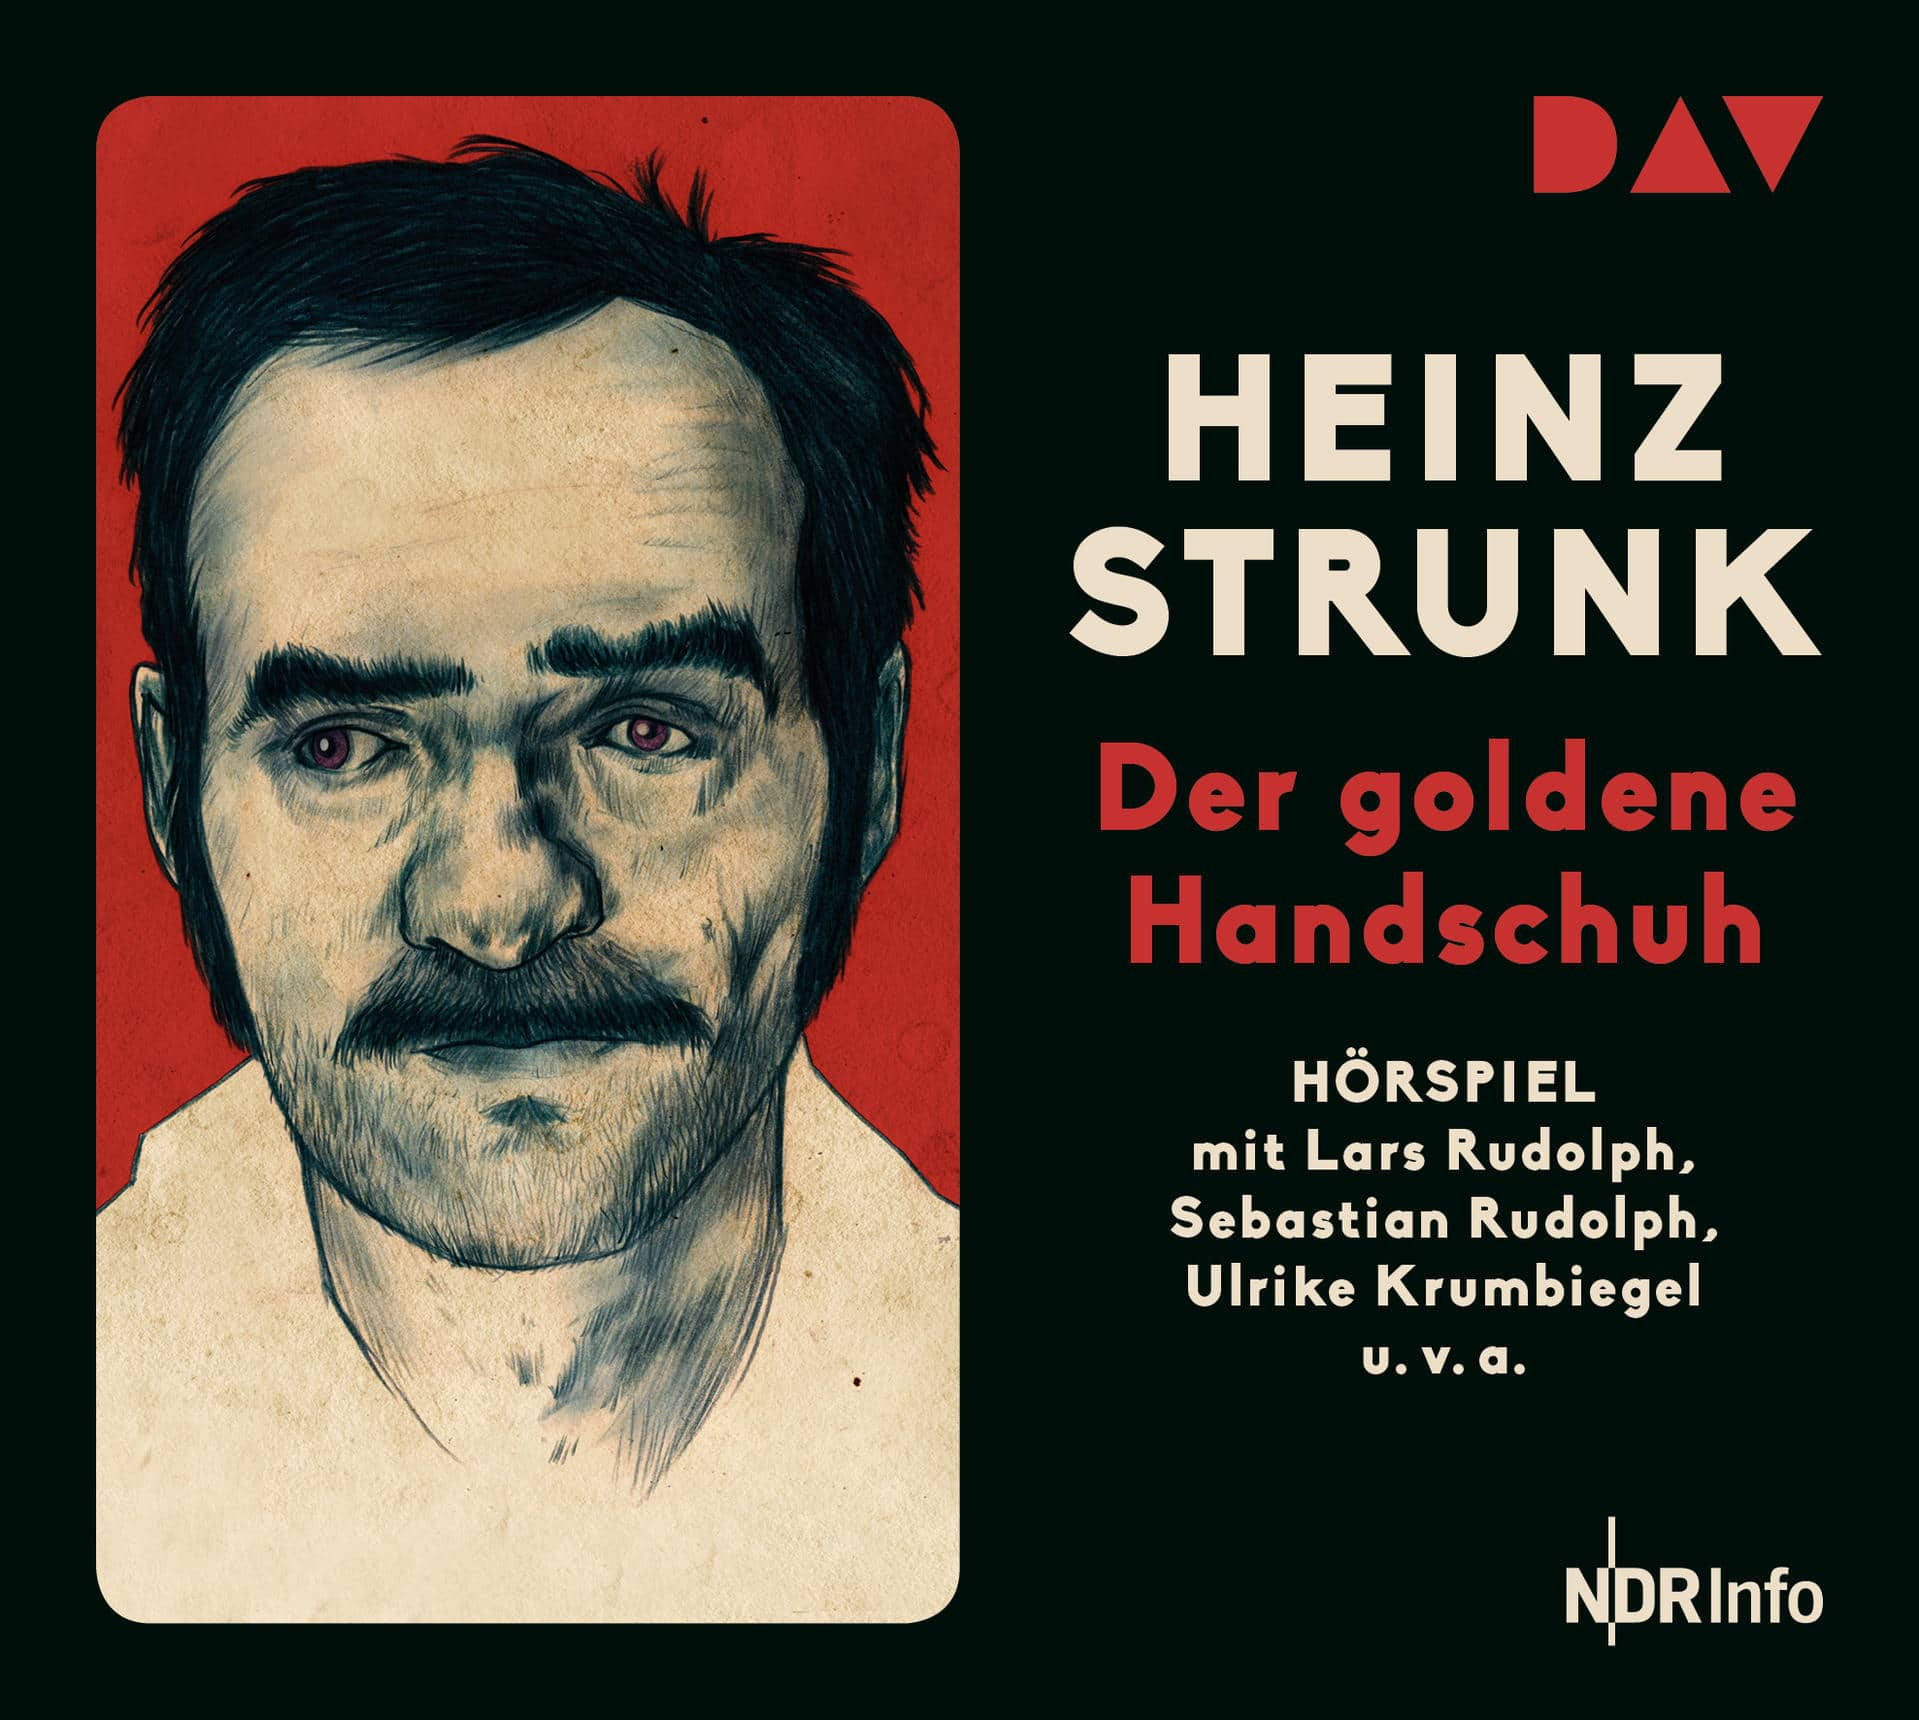 Der goldene Handschuh (CD(s)) für 11,99 Euro